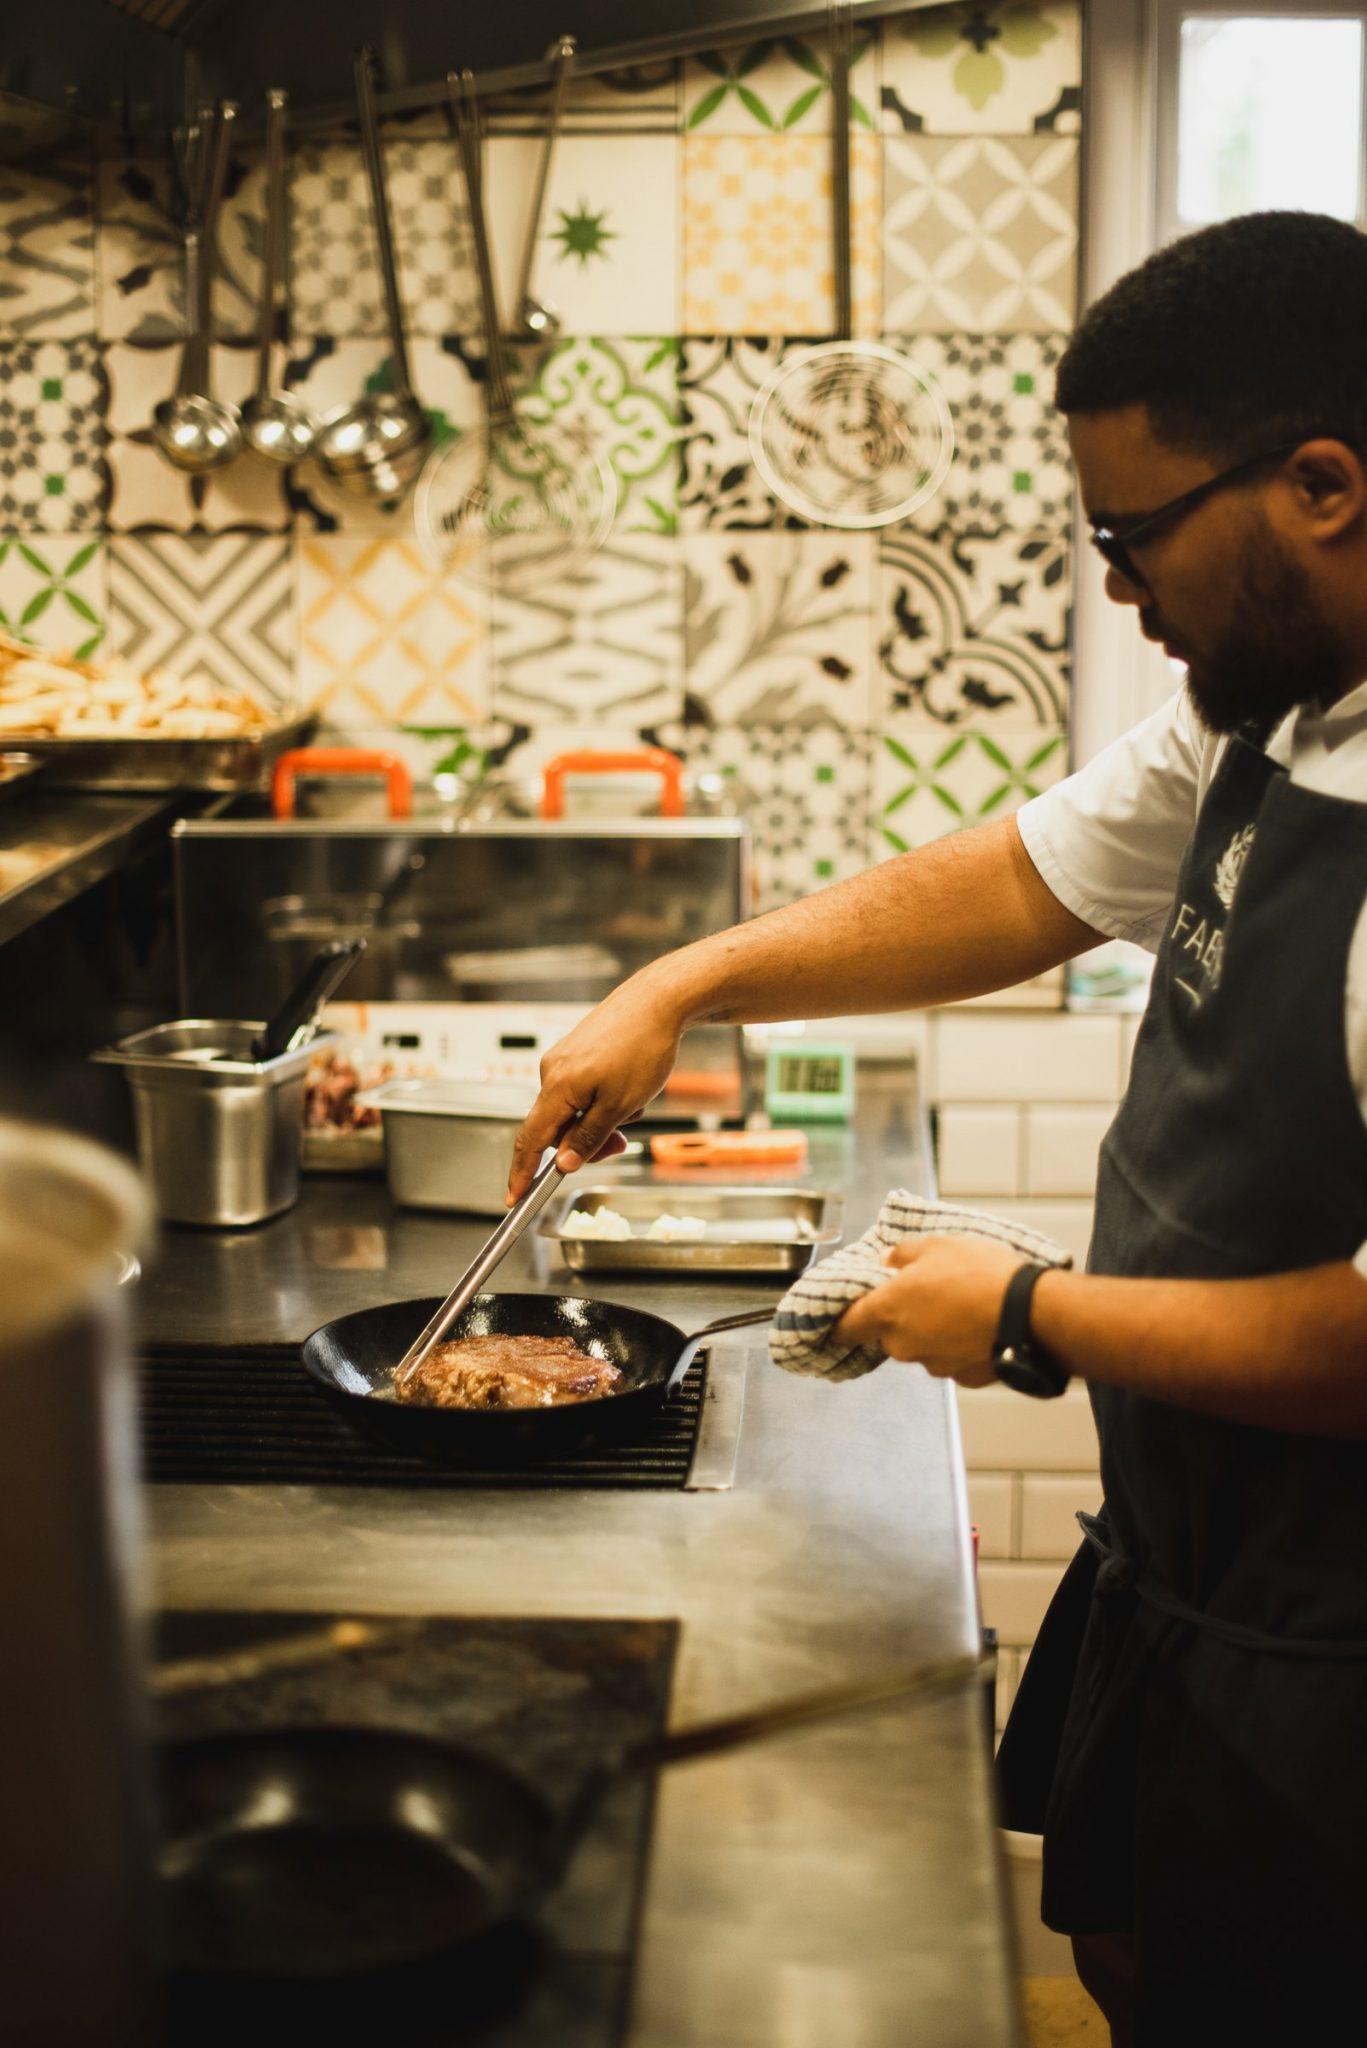 chef dale steves]ns avondale steak sonia cabano blog eatdrinkcapetown